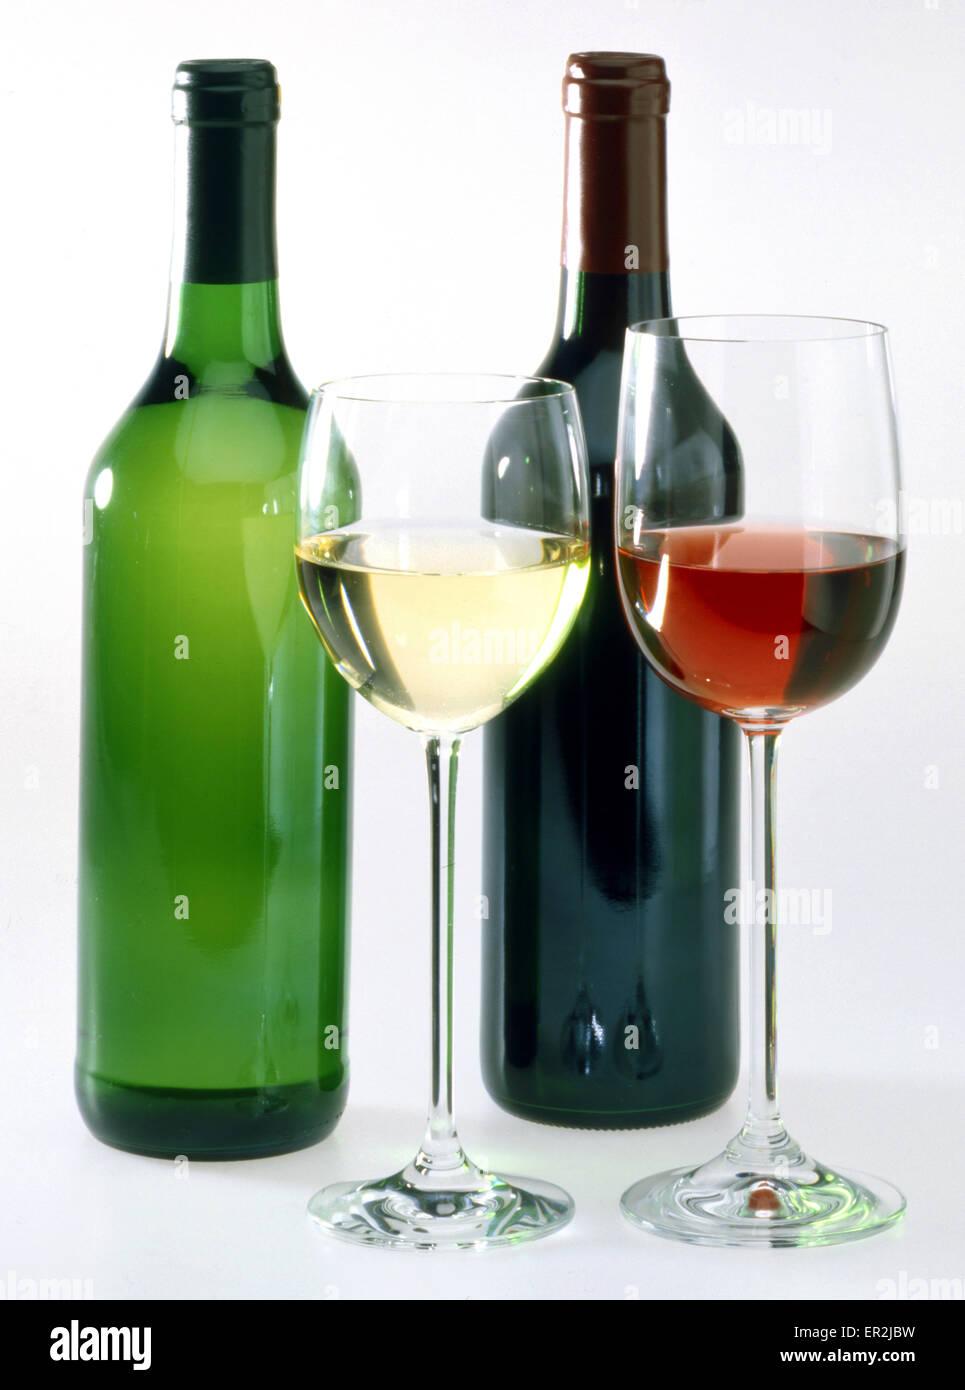 aufbewahrt weisswein rotwein getraenk glas glaeser trinken wein weinflasche weinglas. Black Bedroom Furniture Sets. Home Design Ideas